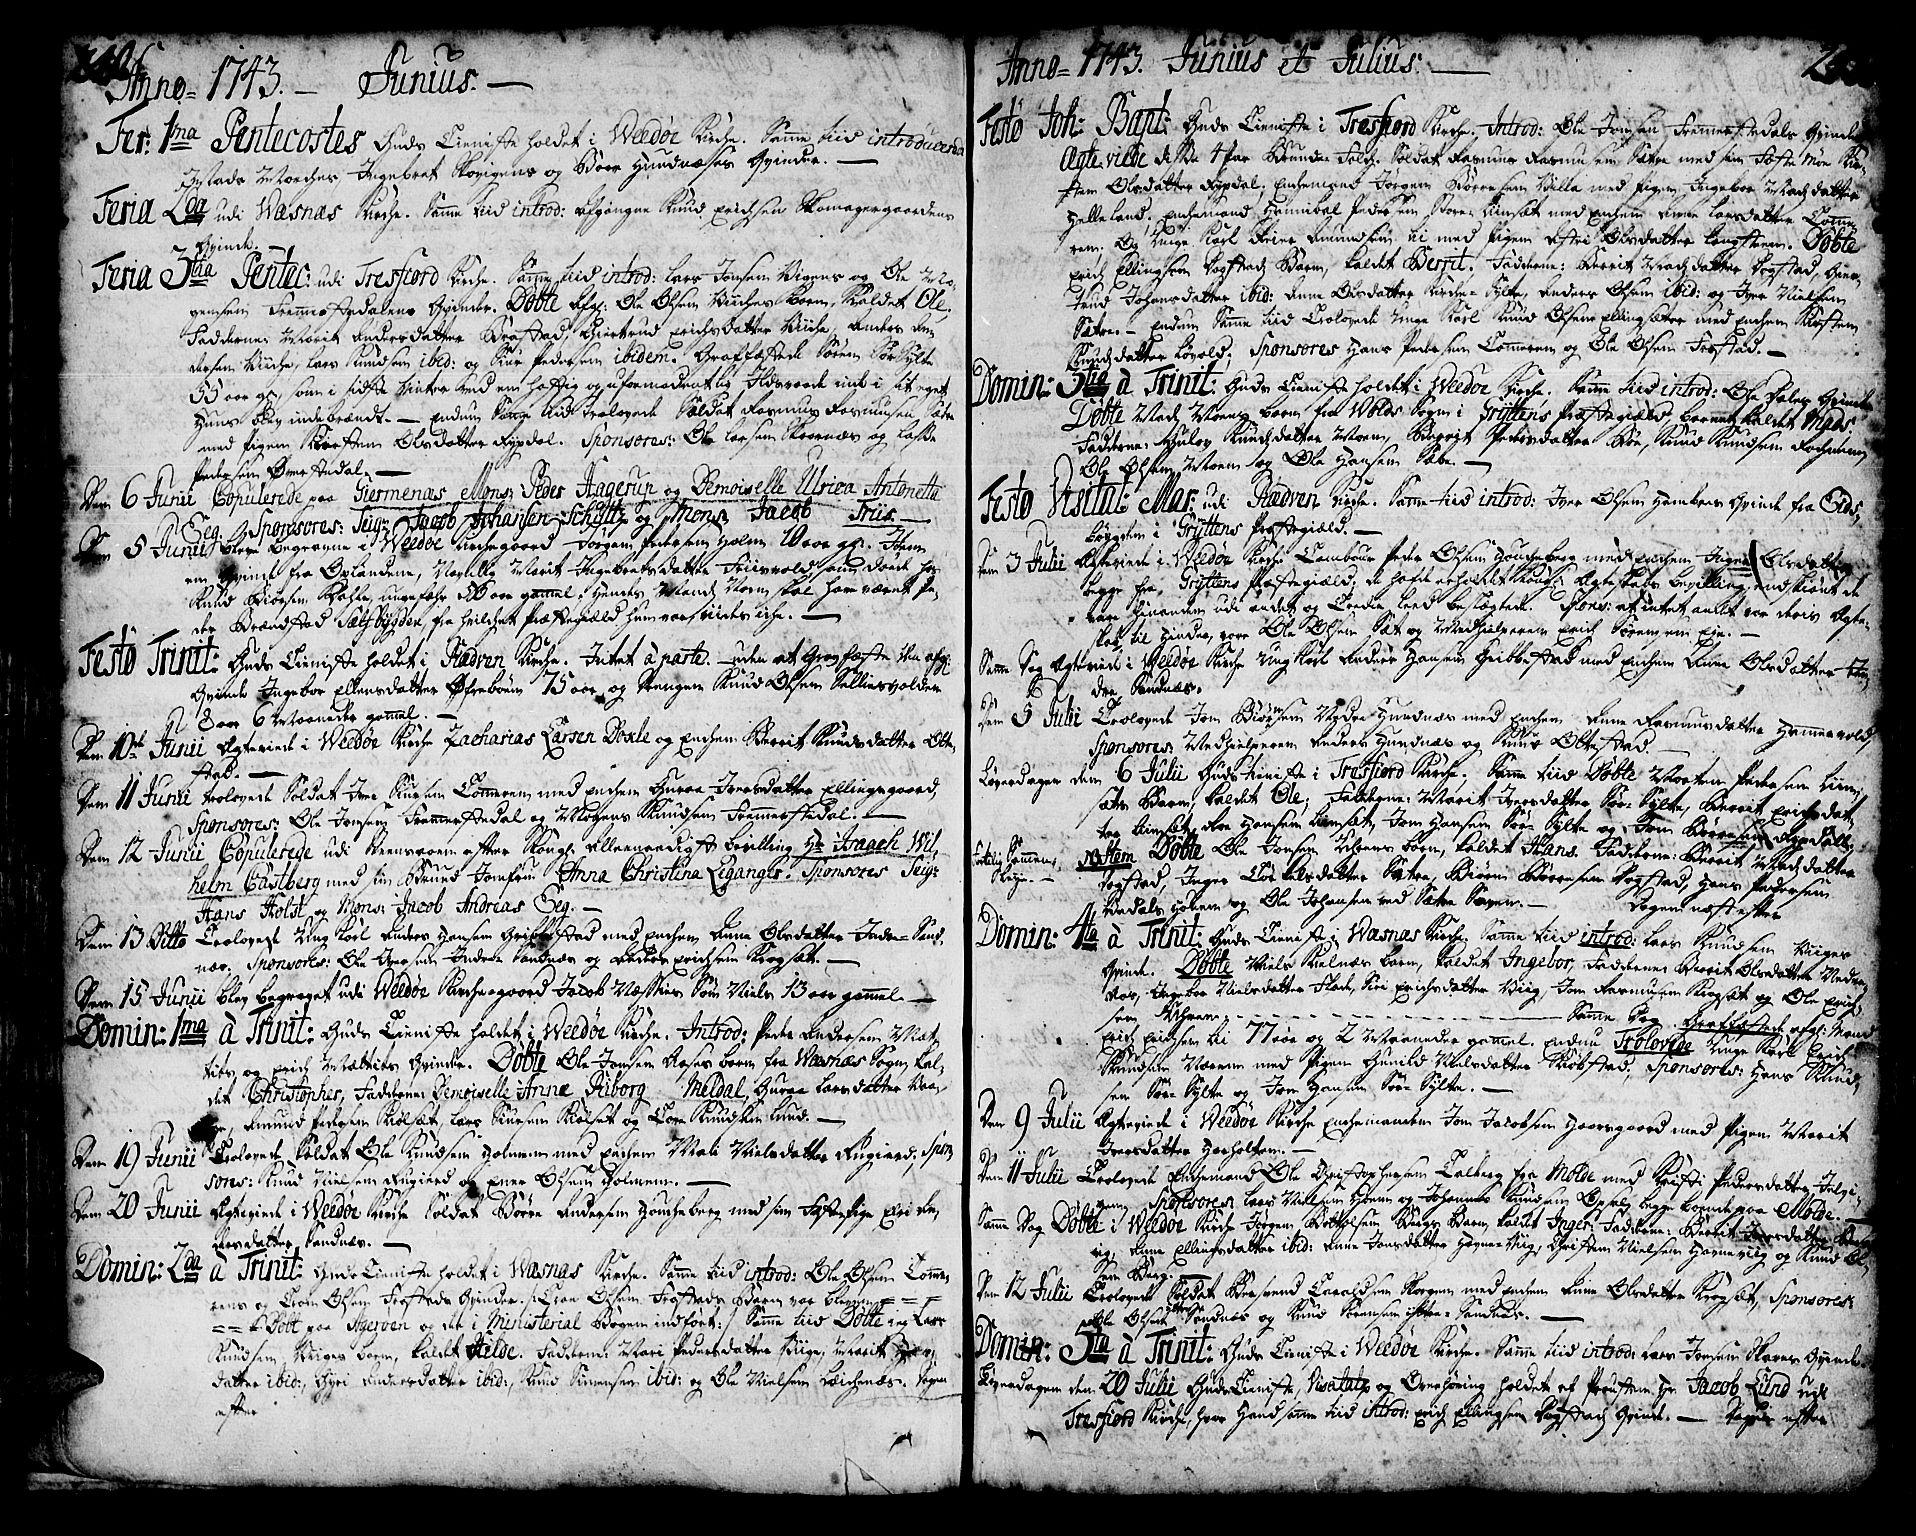 SAT, Ministerialprotokoller, klokkerbøker og fødselsregistre - Møre og Romsdal, 547/L0599: Ministerialbok nr. 547A01, 1721-1764, s. 240-241